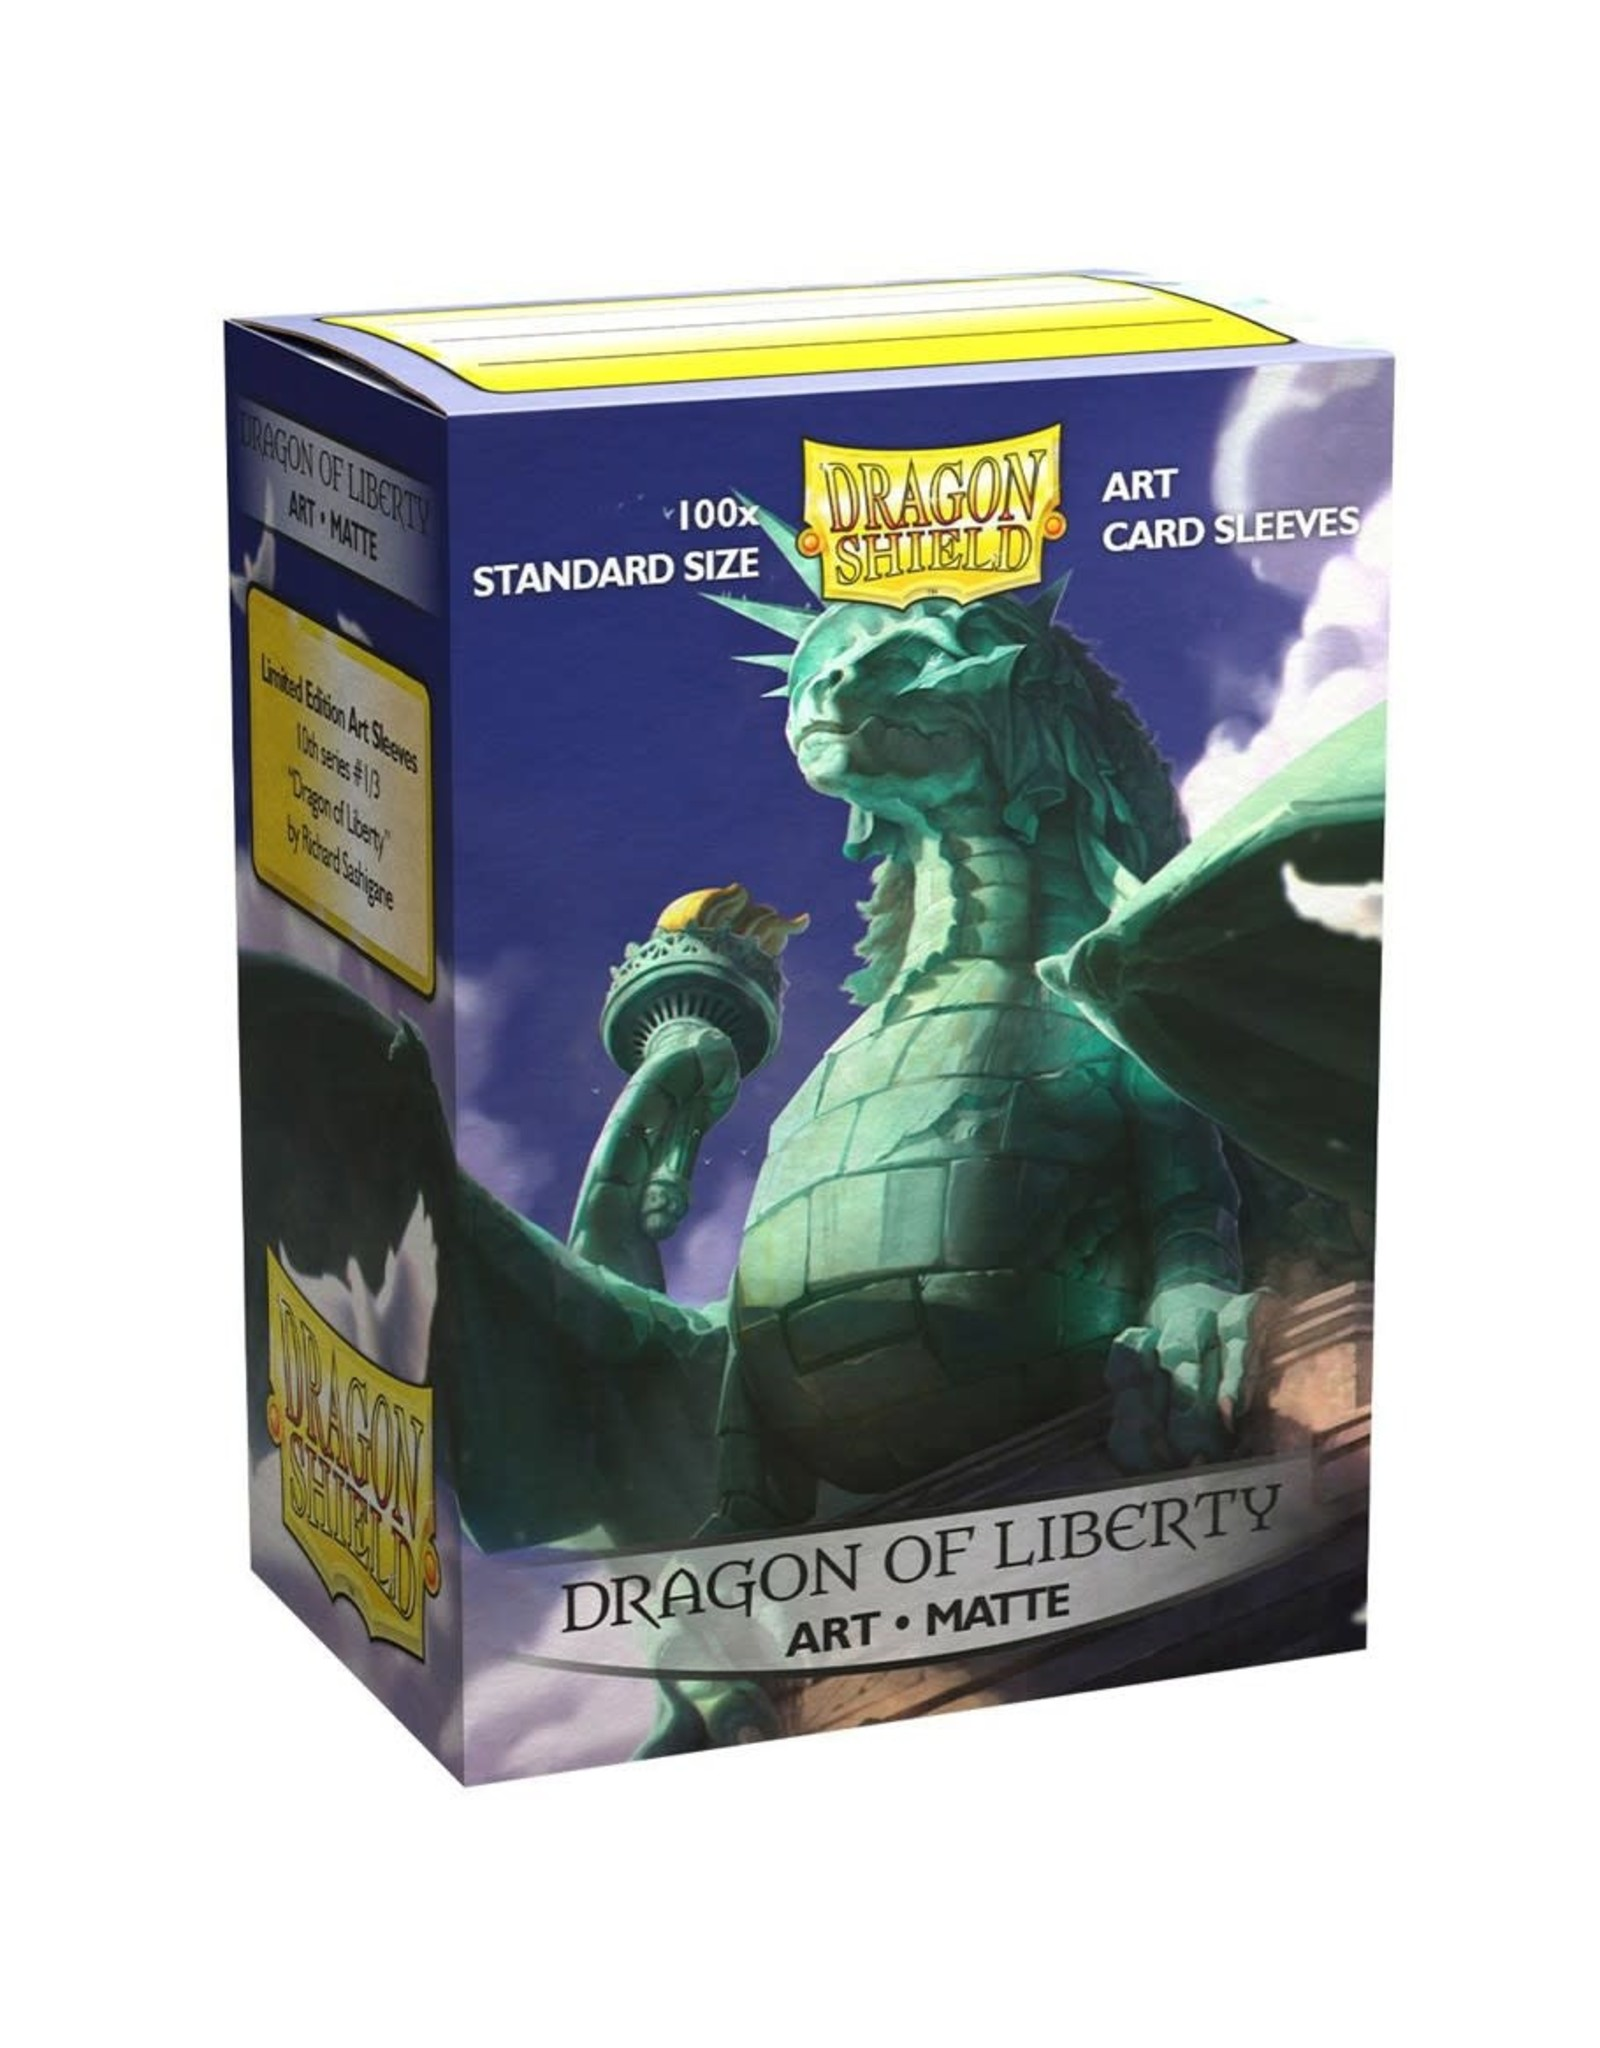 Matte Art Dragon Shields: Dragon of Liberty